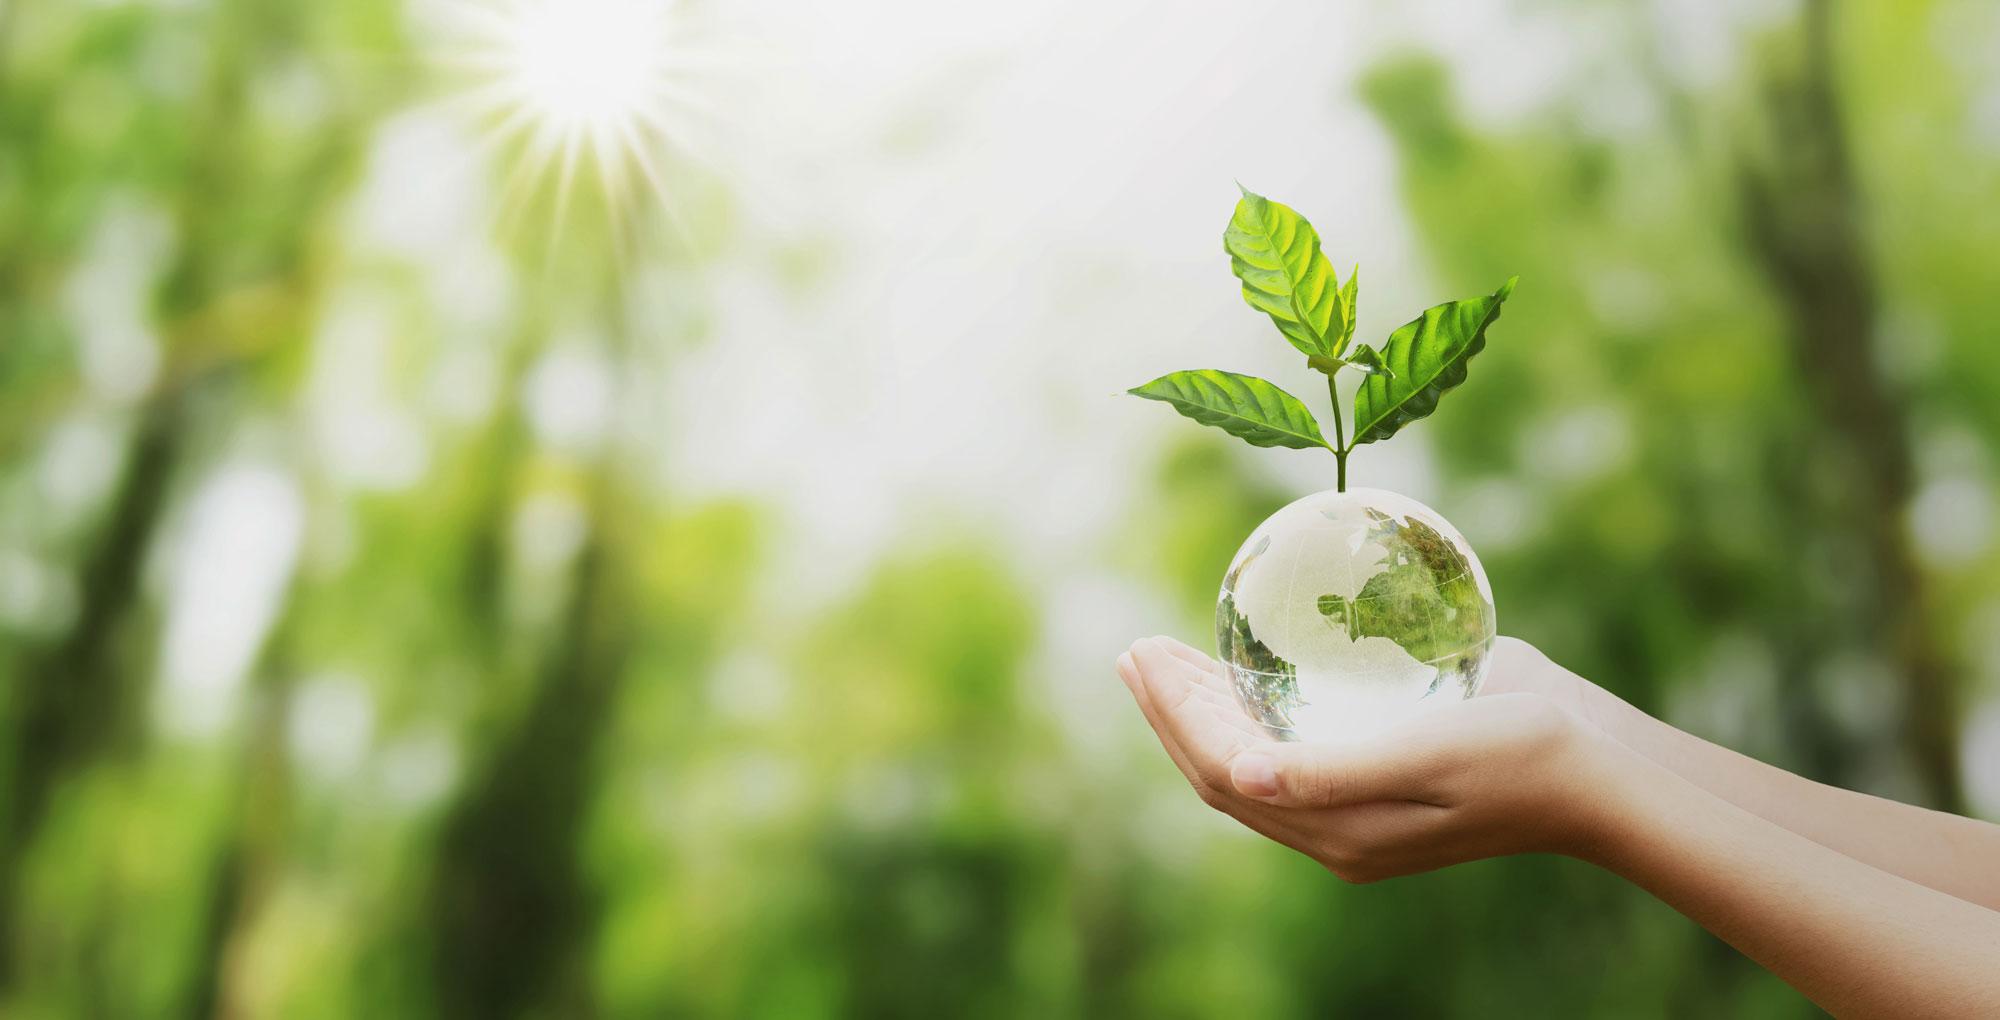 abono-ecologico-almendros